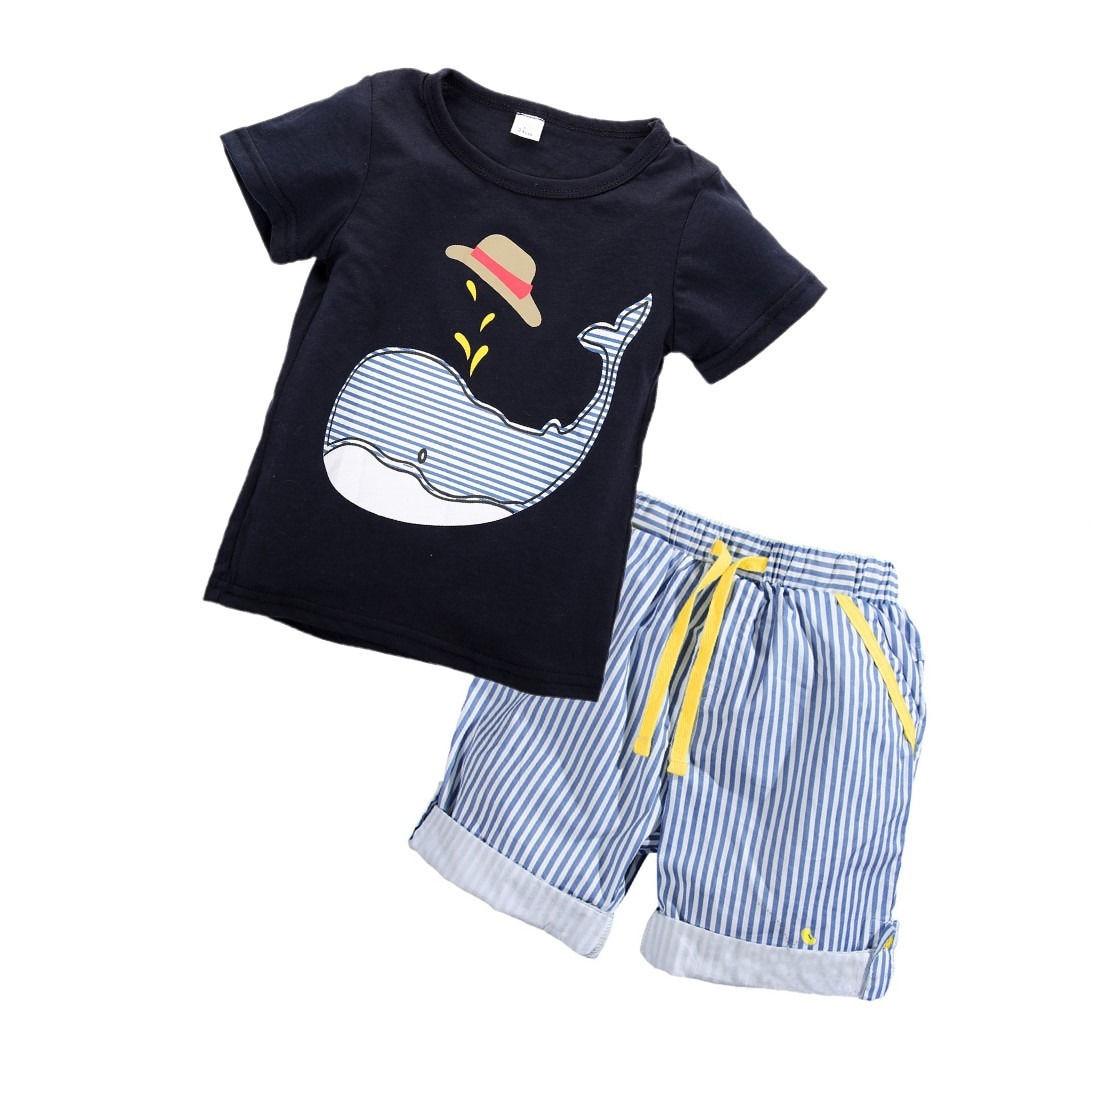 Летний комплект одежды из 2 предметов Дети Одежда для мальчиков короткий рукав принт футболки Шорты для женщин Повседневное детская одежда ...